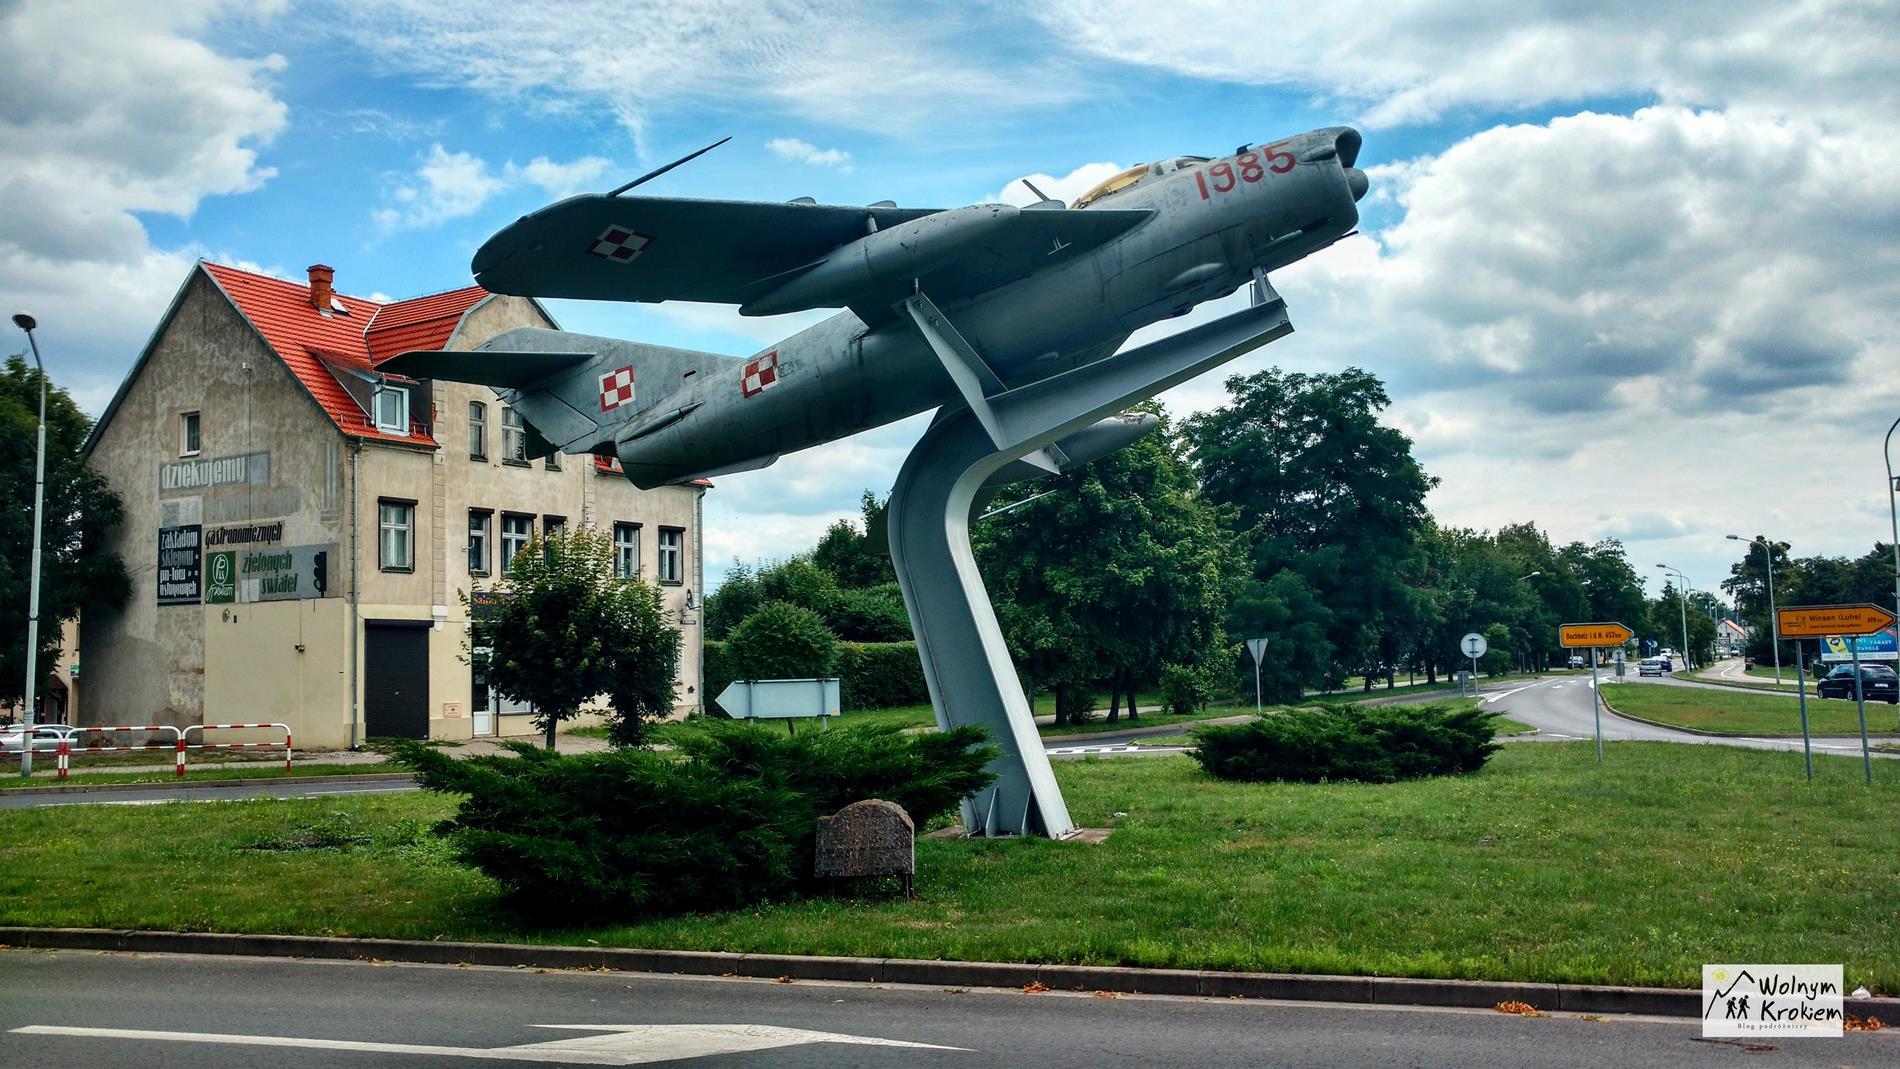 Na chwałę polskich lotników i kosmonautów w Wołowie